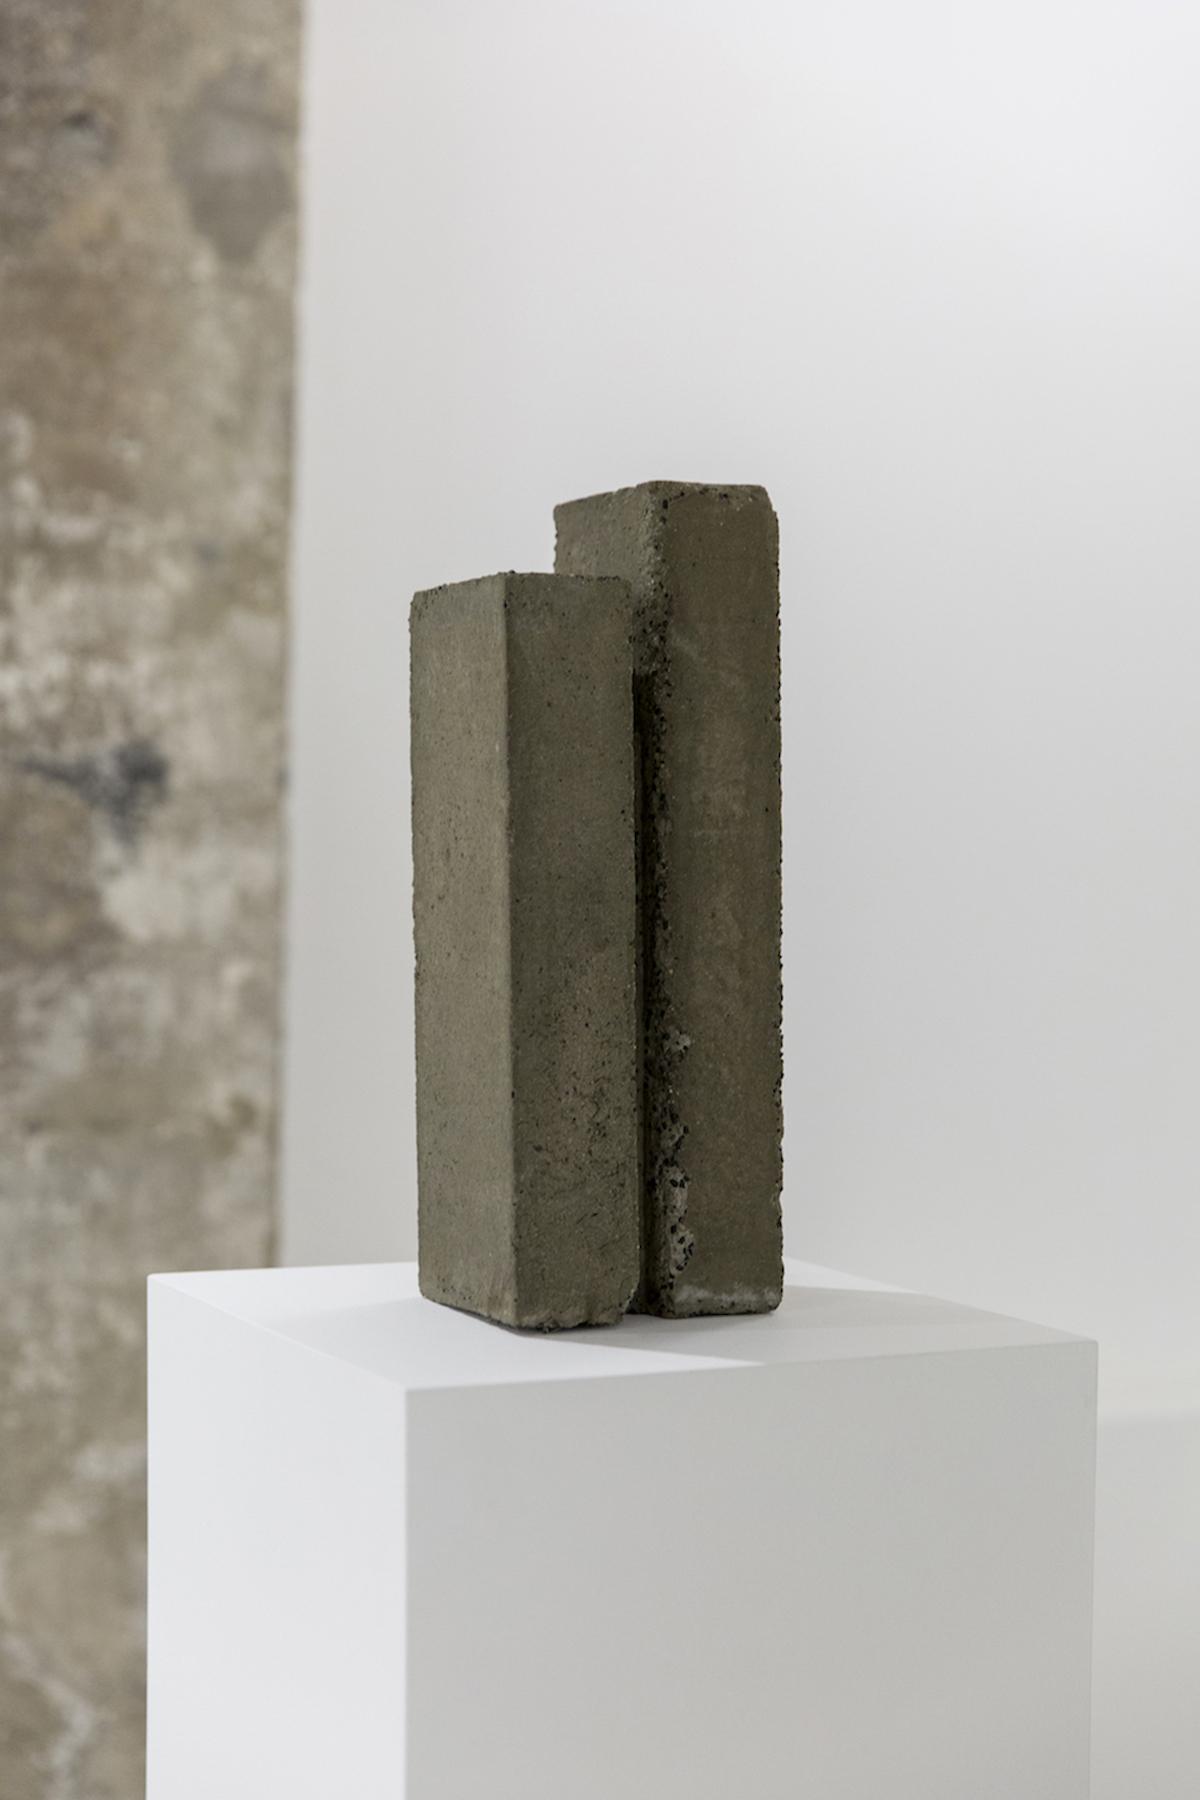 Fluid Structures Phase14-Concrete Sculpture-15x15x30cm-2017-PhotoBy Onur Gokçe.jpg